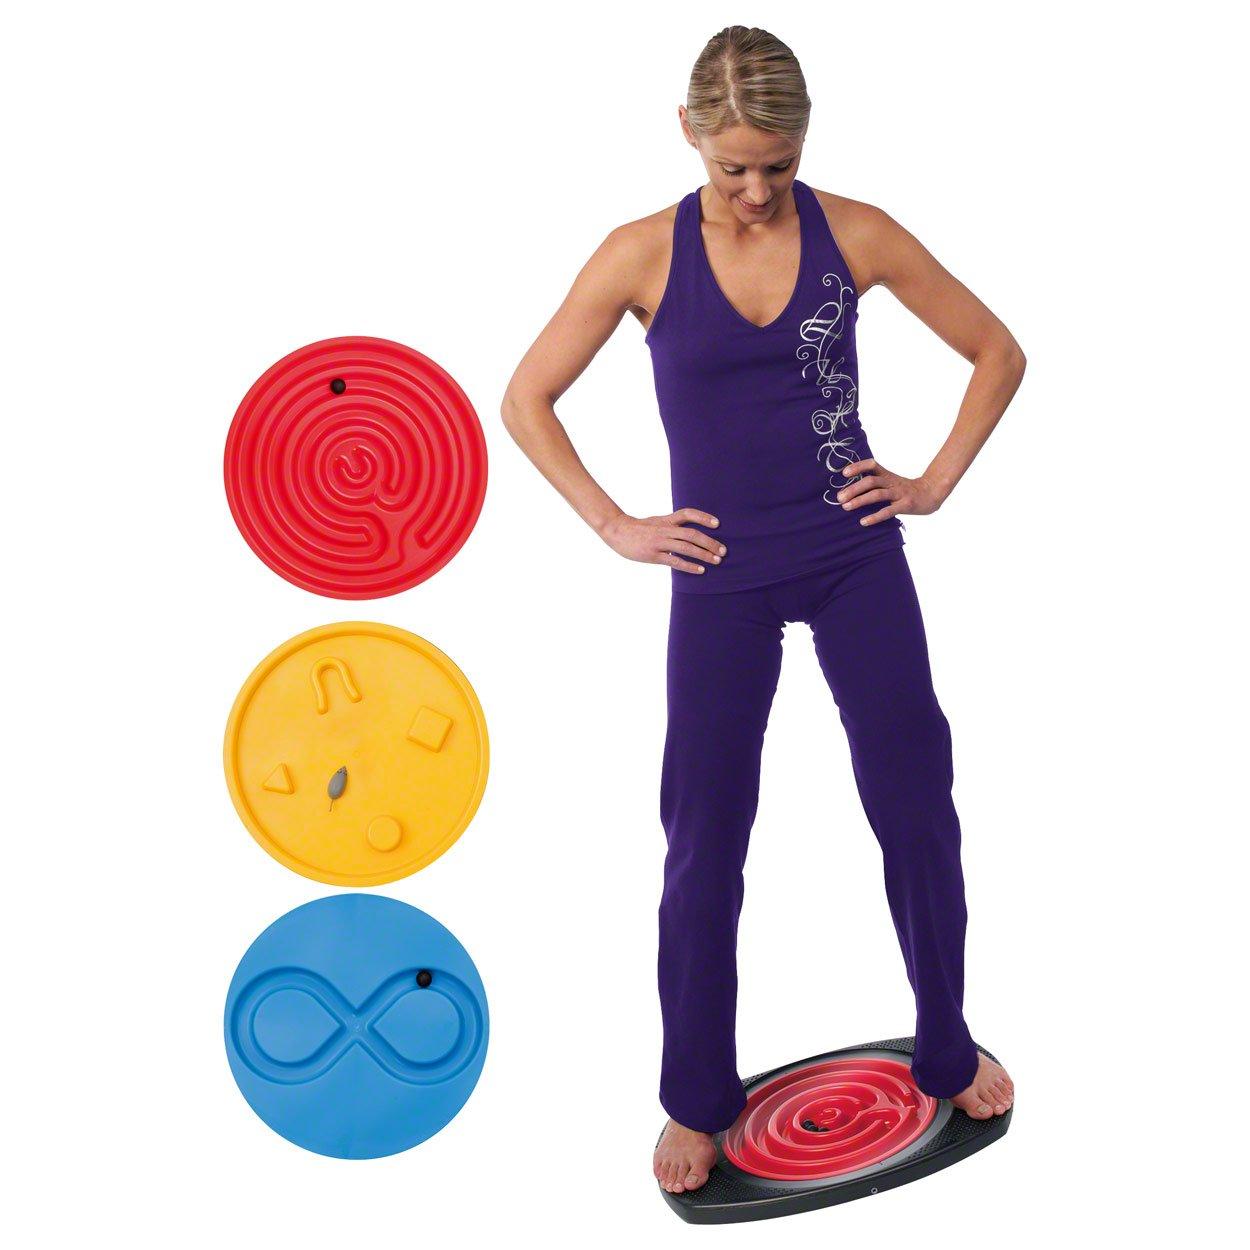 Balanco Bewegungsspiel, Therapiespiel, Bewegungstrainer, mit 3 Einsätzen